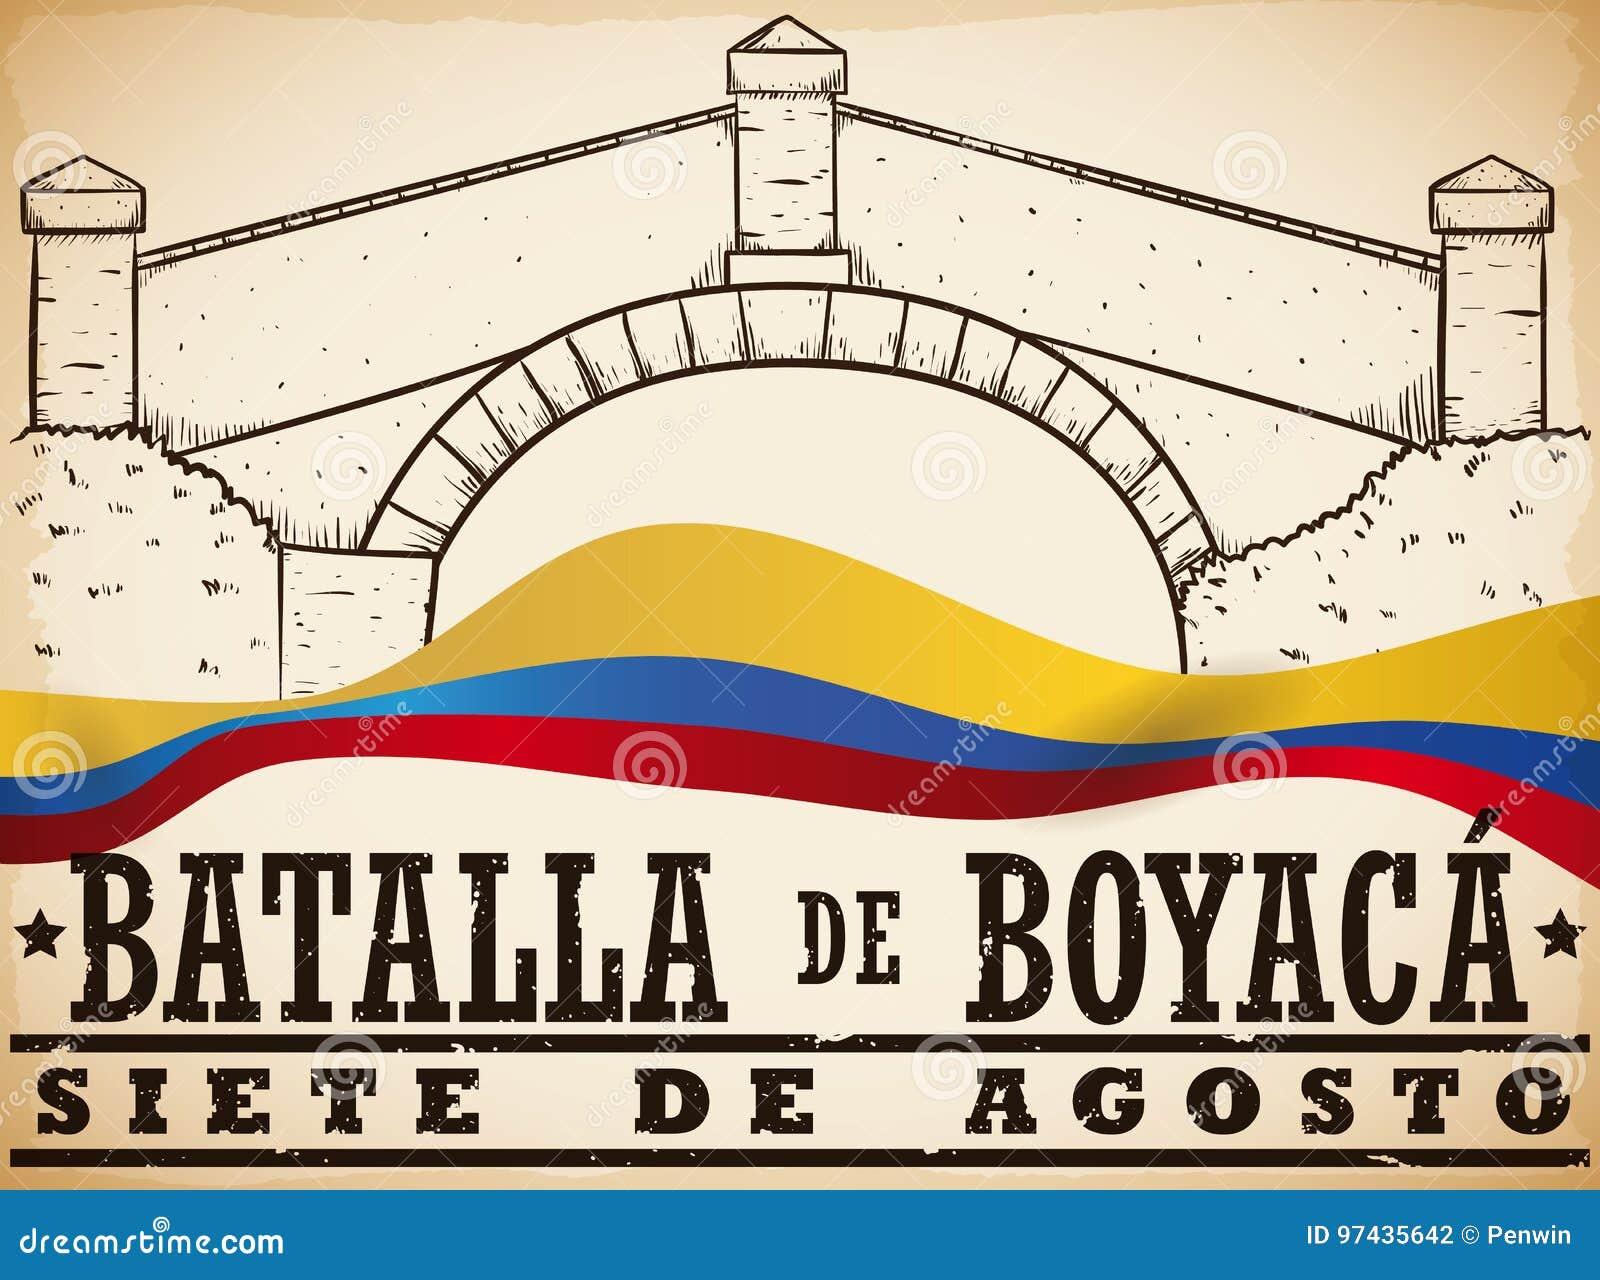 Übergeben Sie gezogene Boyaca-` s Brücke und kolumbianische Flagge für Boyaca-` s Kampf, Vektor-Illustration